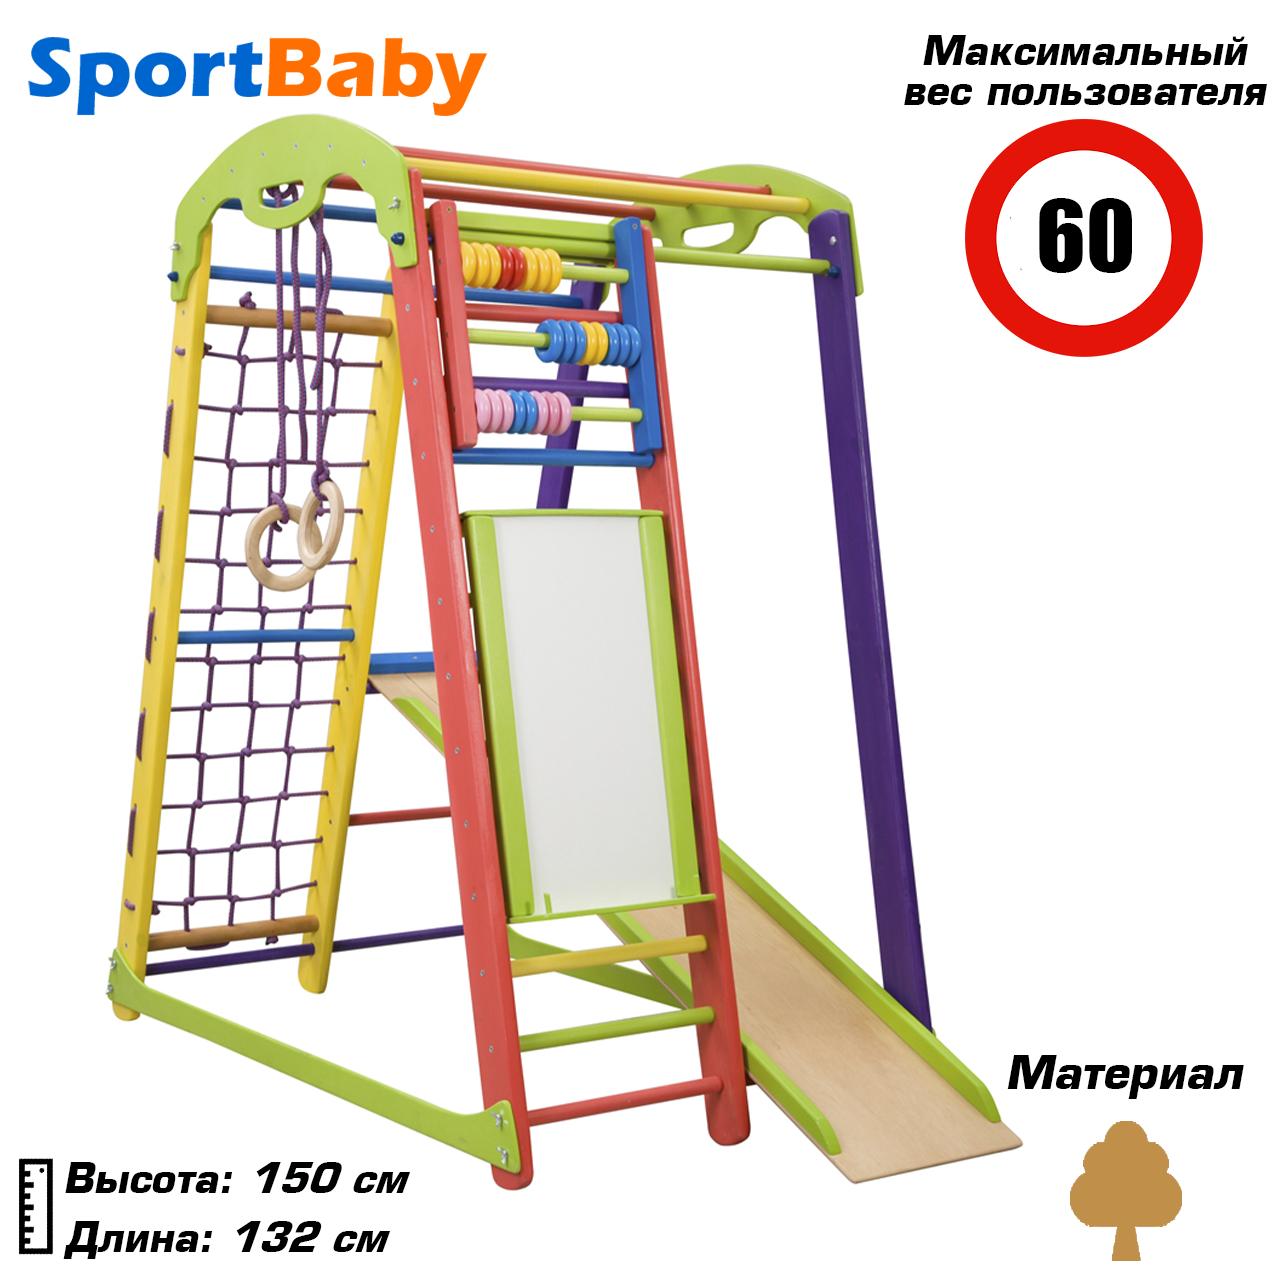 Детский спортивный уголок- SportBaby «Кроха 1»